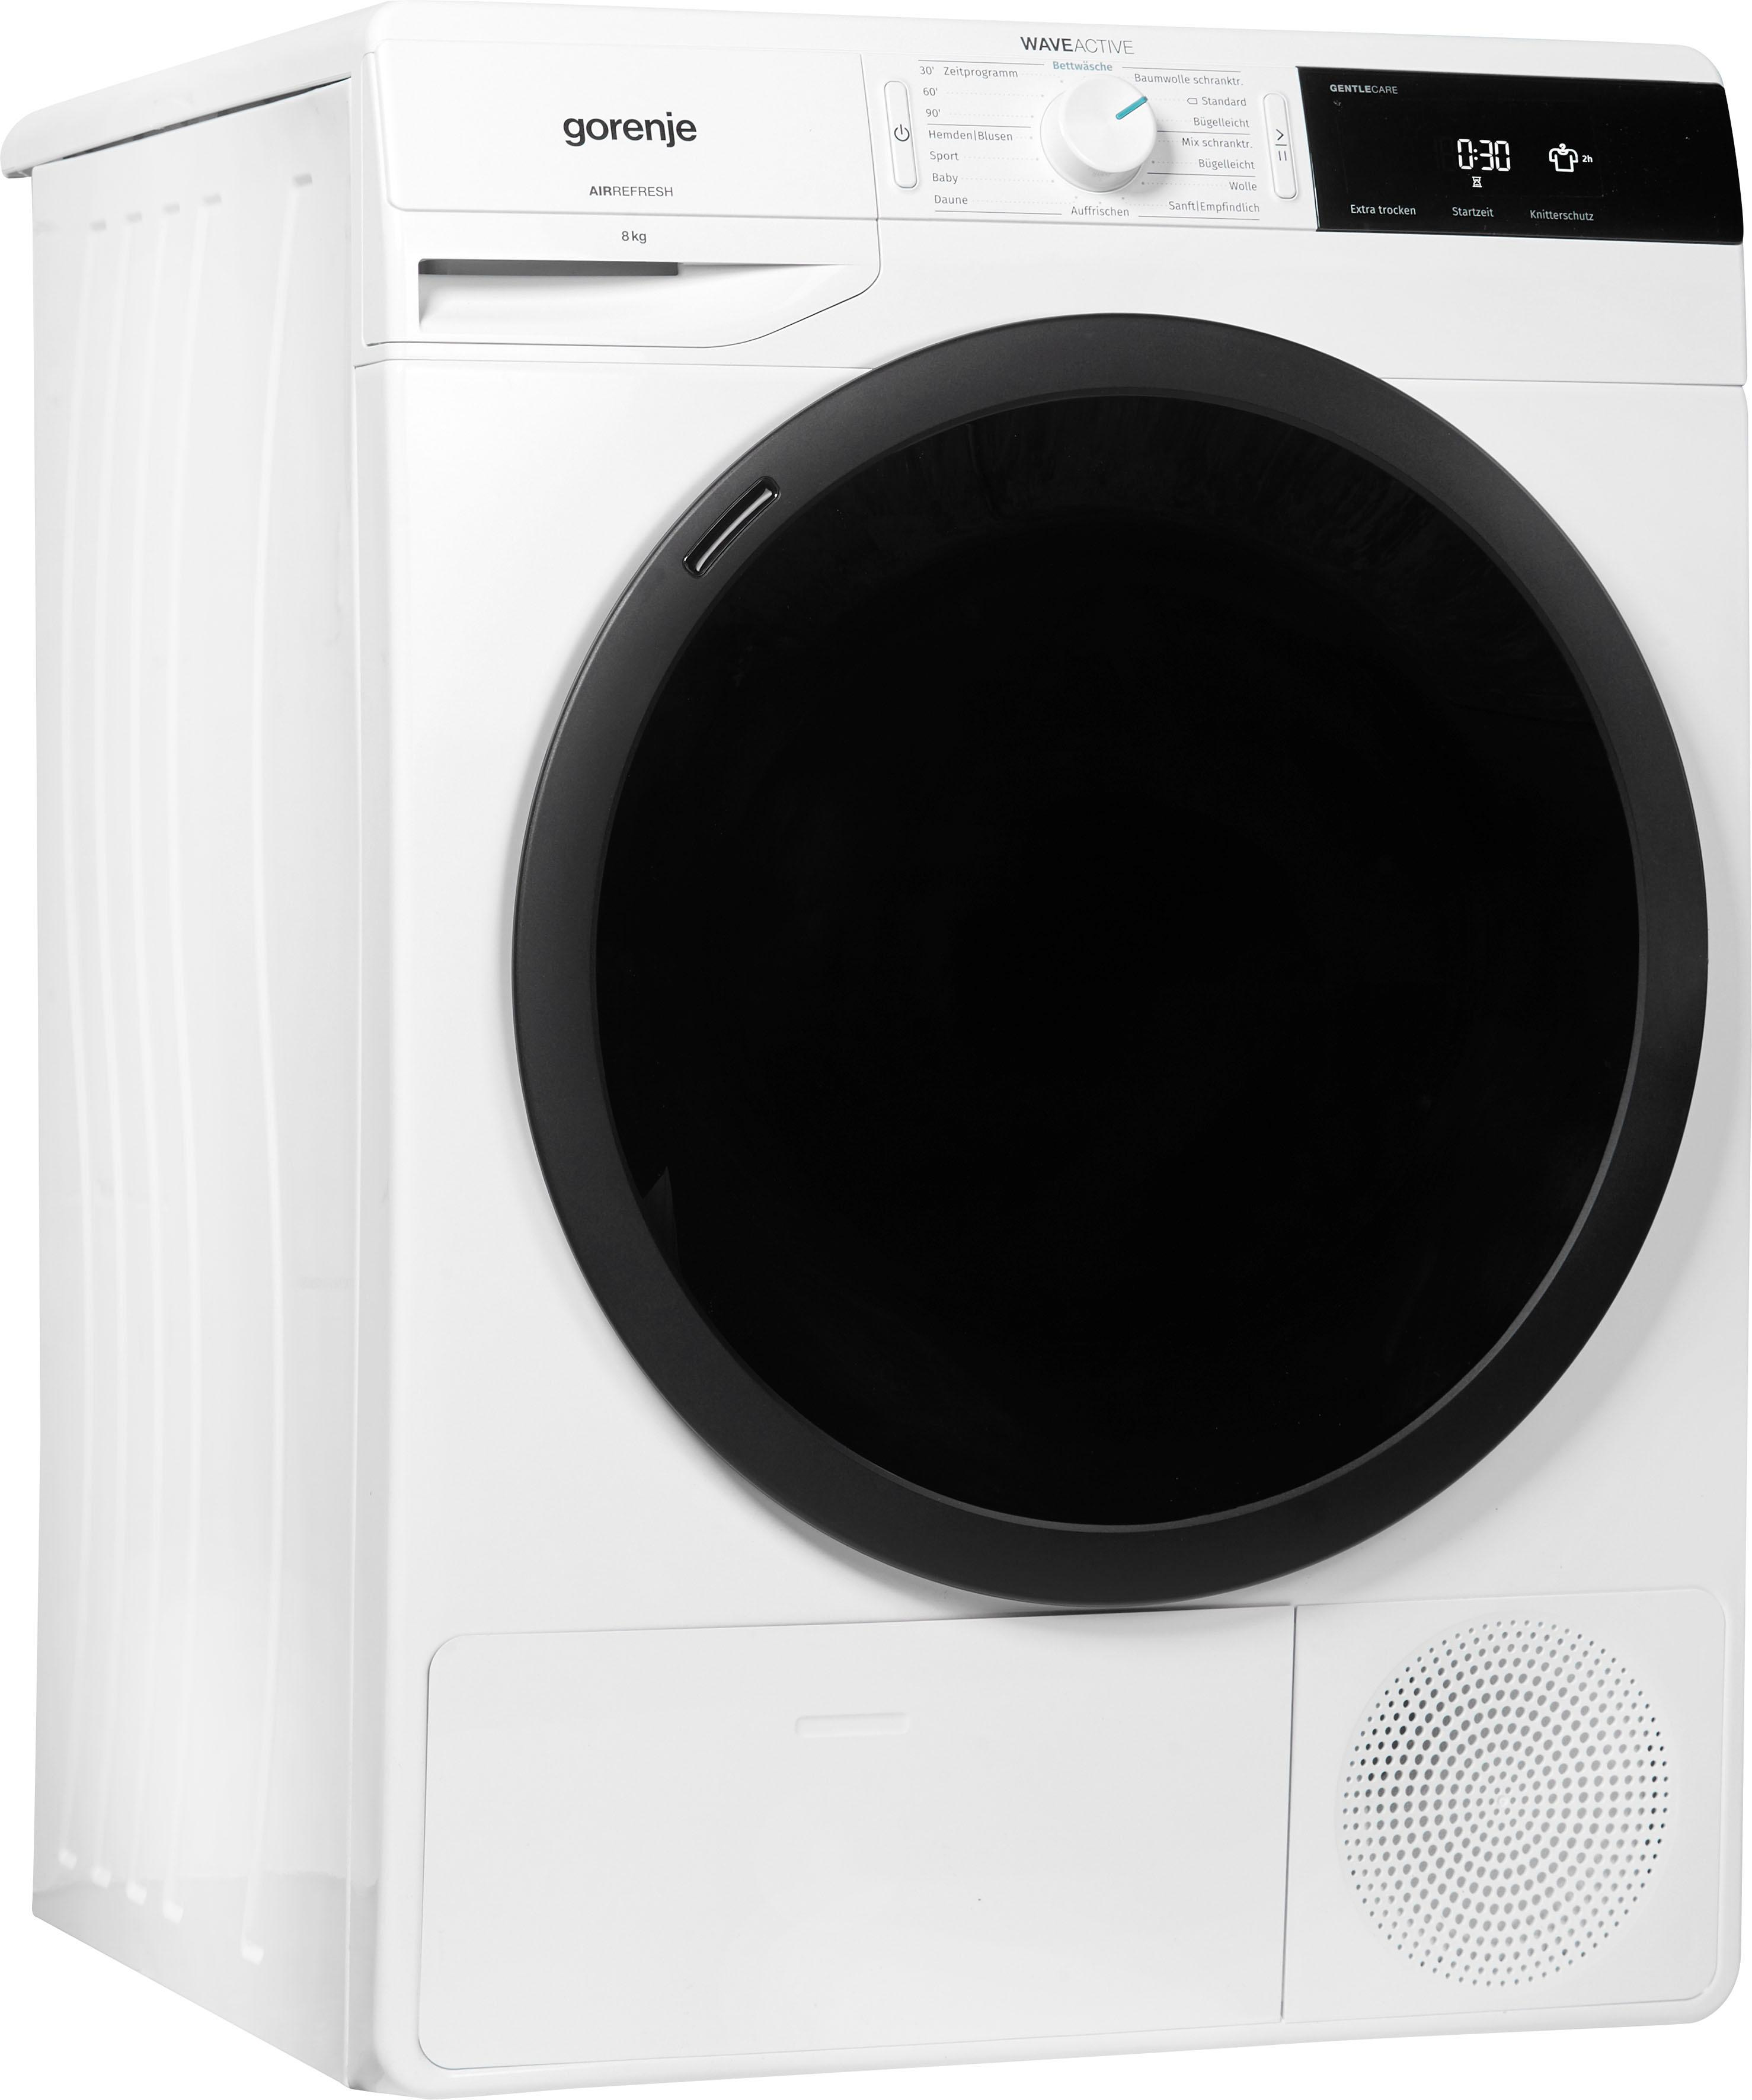 GORENJE Kondenstrockner WaveD E8B 8 kg   Bad > Waschmaschinen und Trockner > Kondenstrockner   Weiß   Gorenje